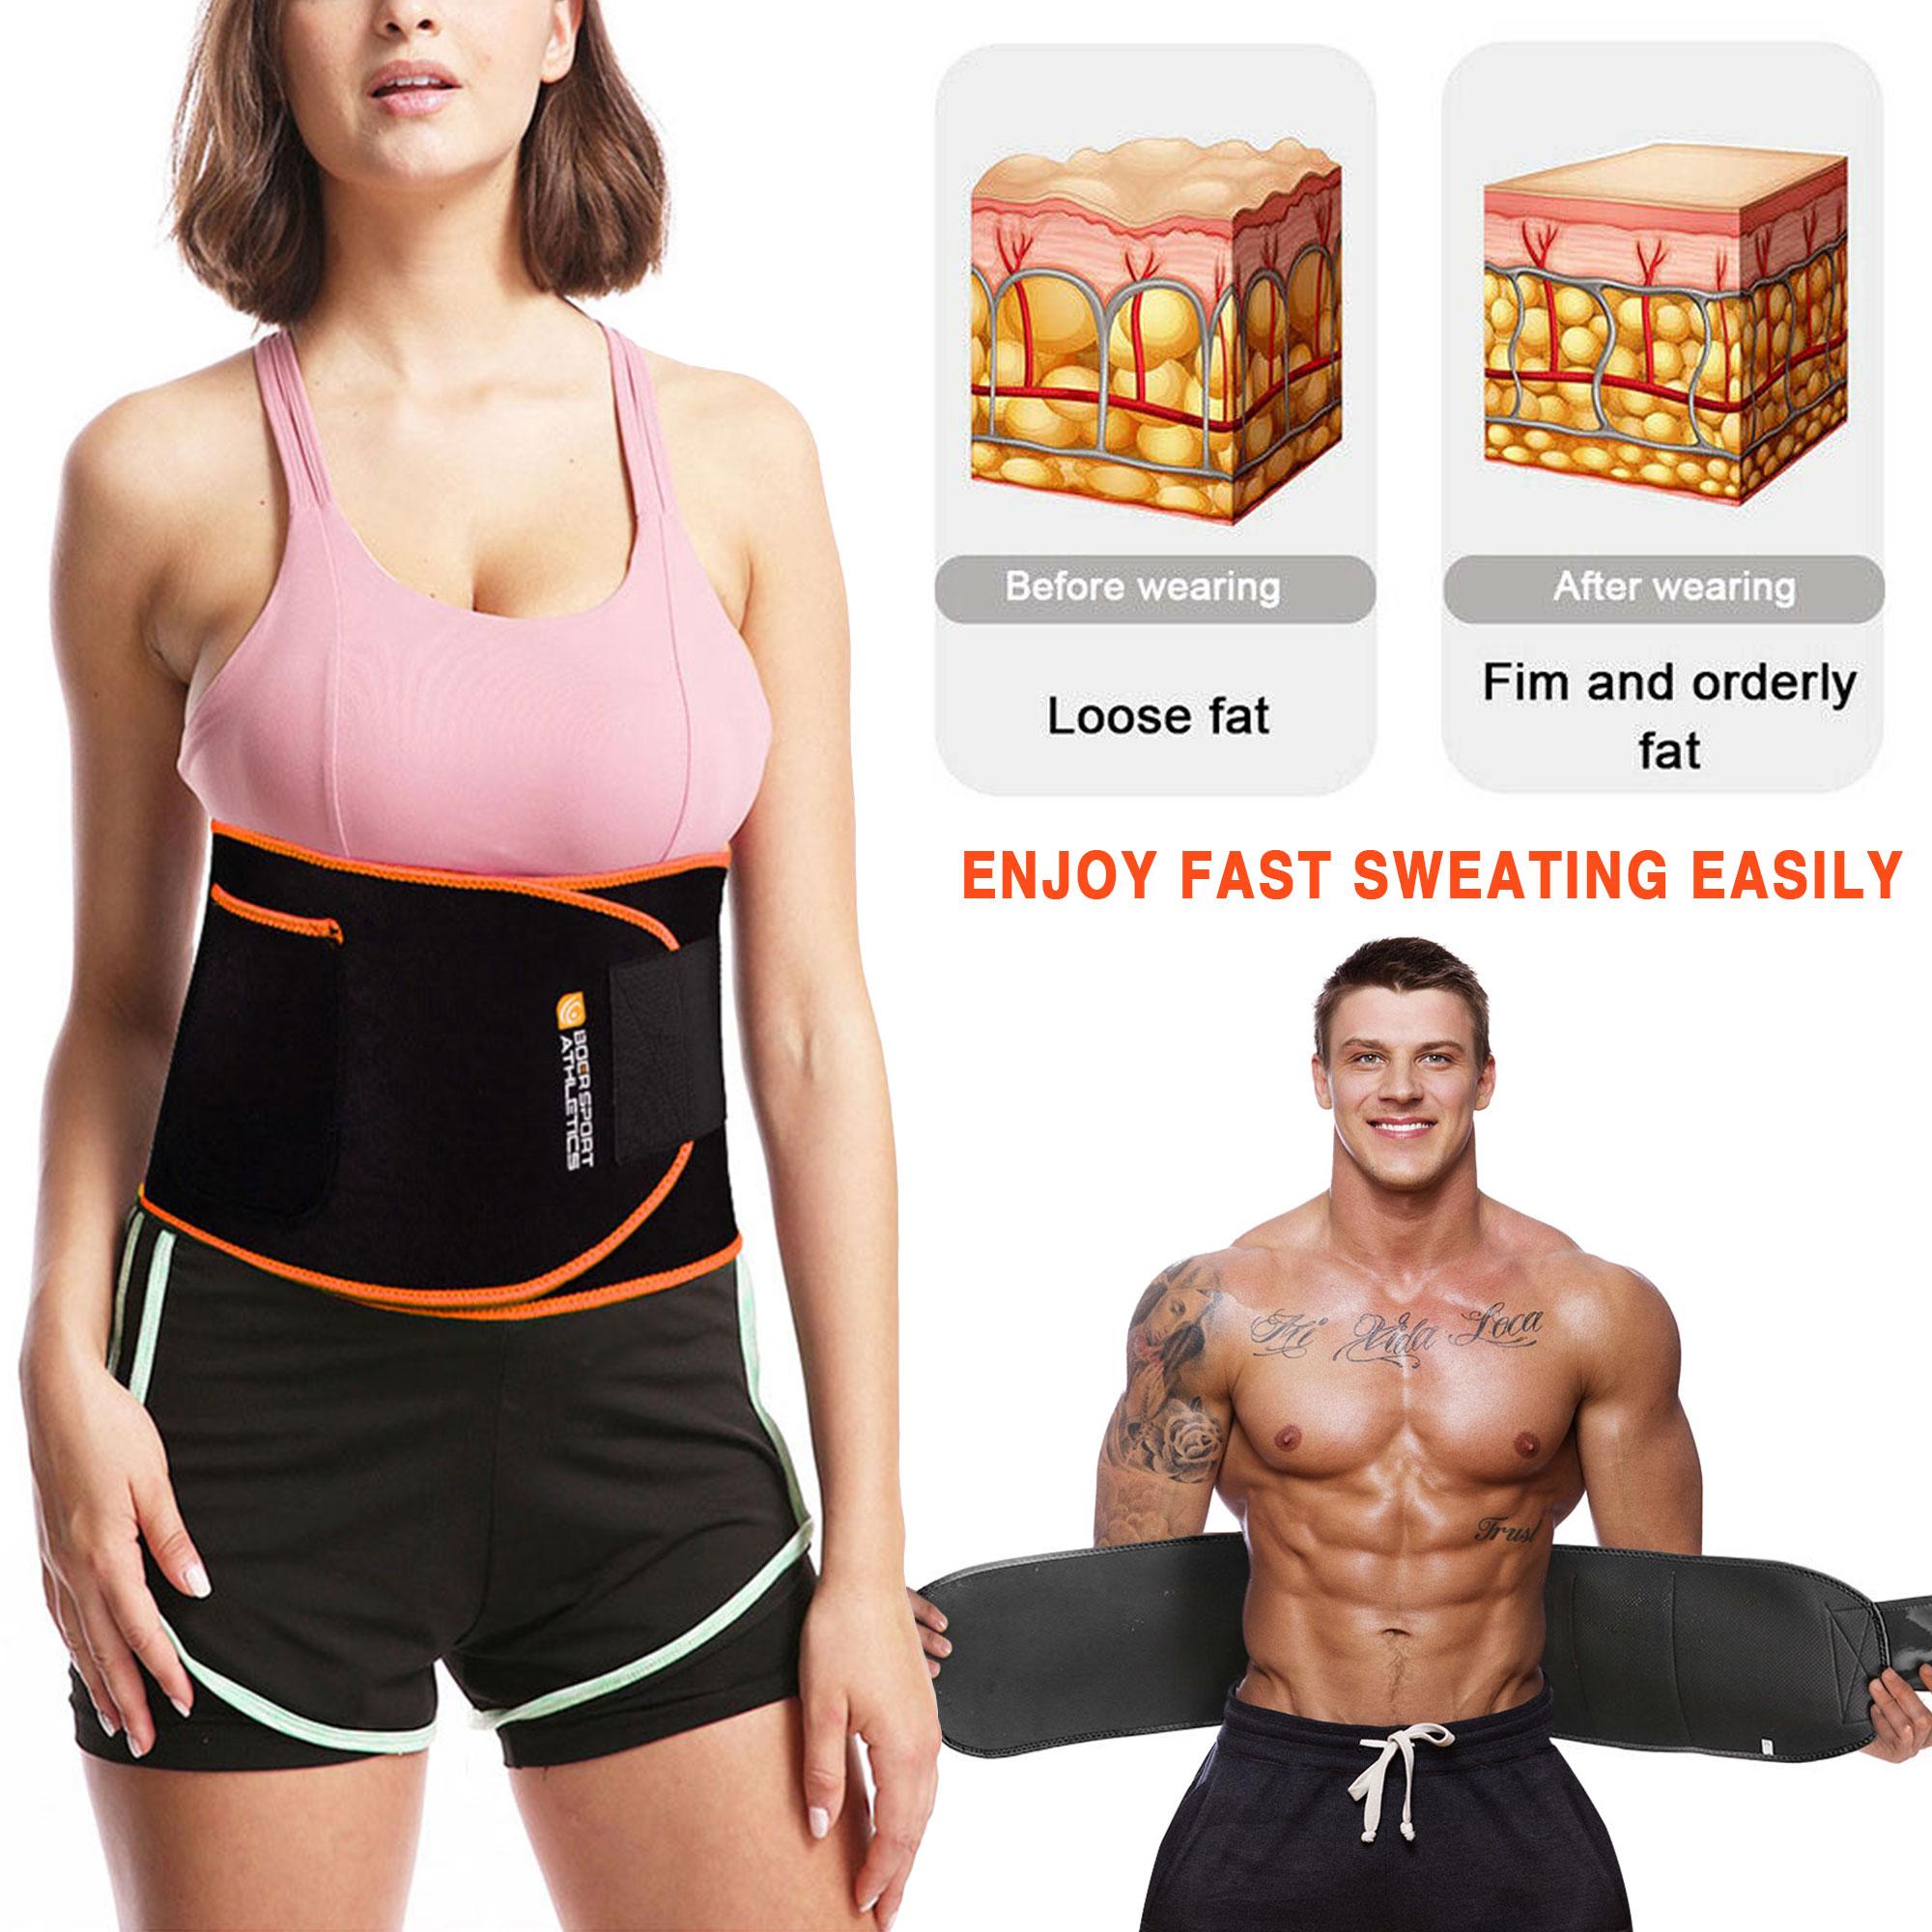 Women /& Men Gym Waist Trainer Cincher Body Shaper Sweat Belt Fat Burn Shapewear